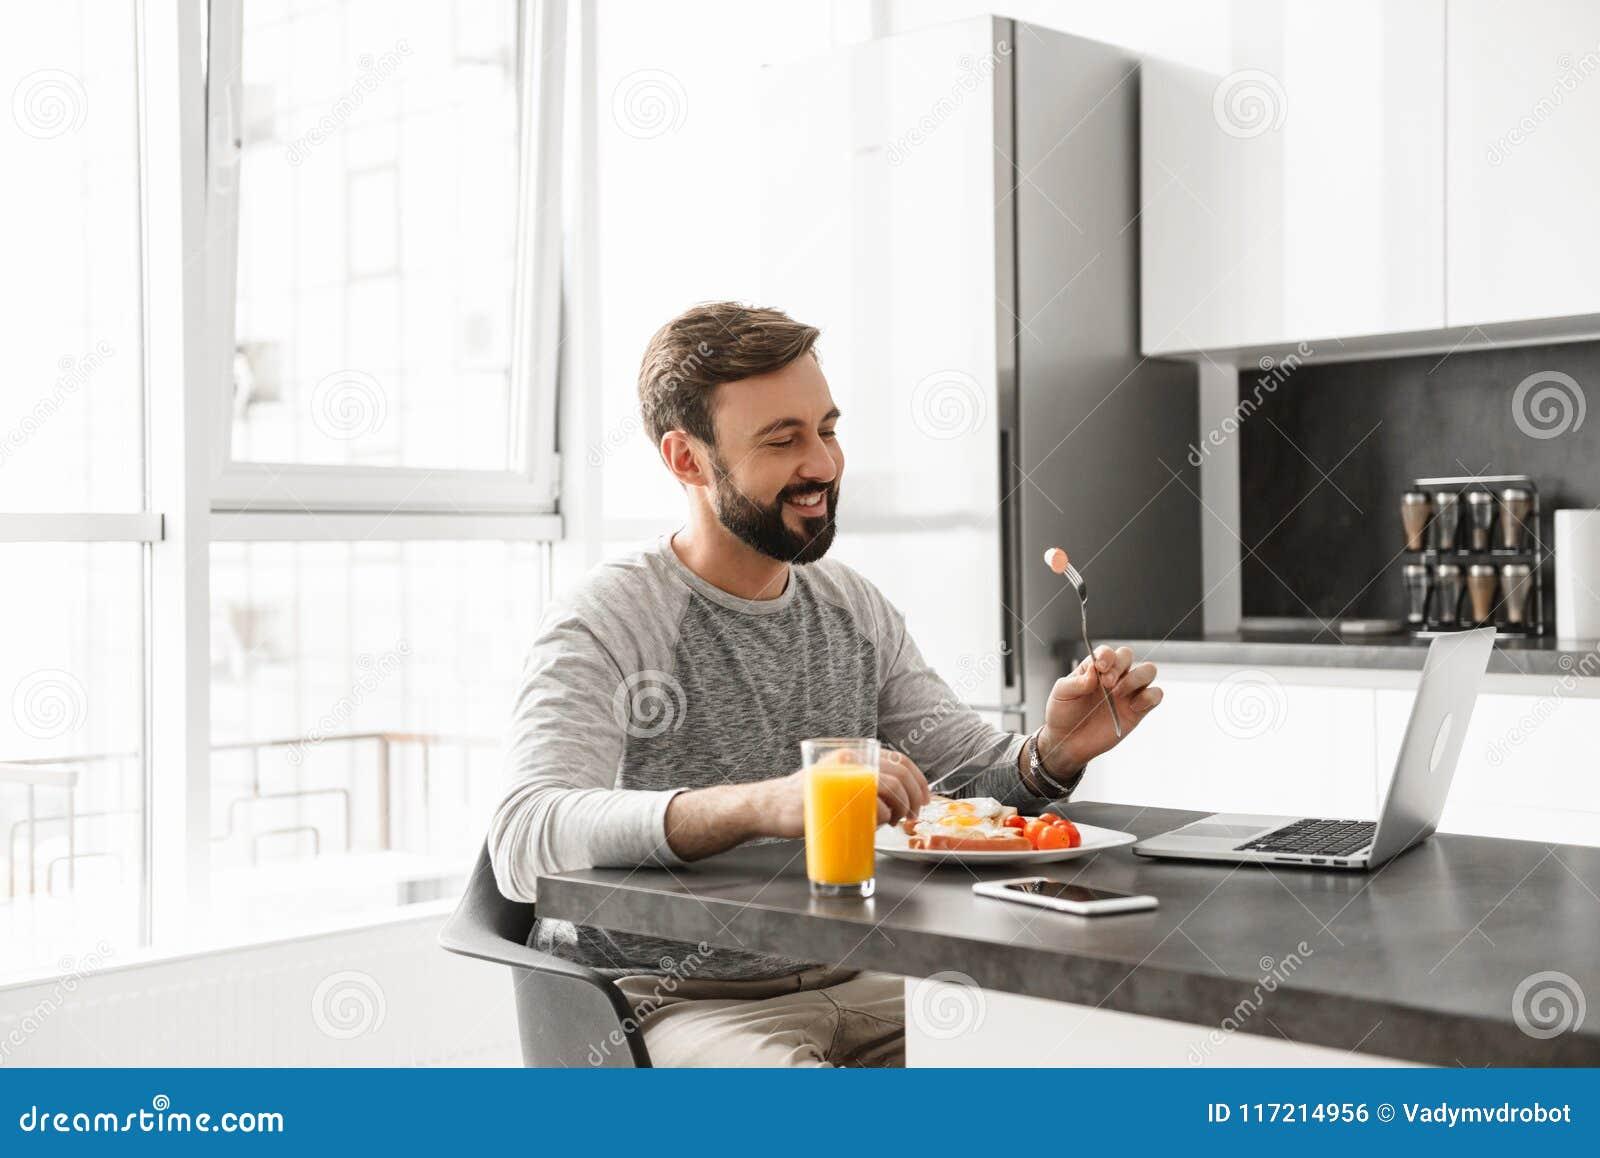 Portret uśmiechnięty młody człowiek ma śniadanie